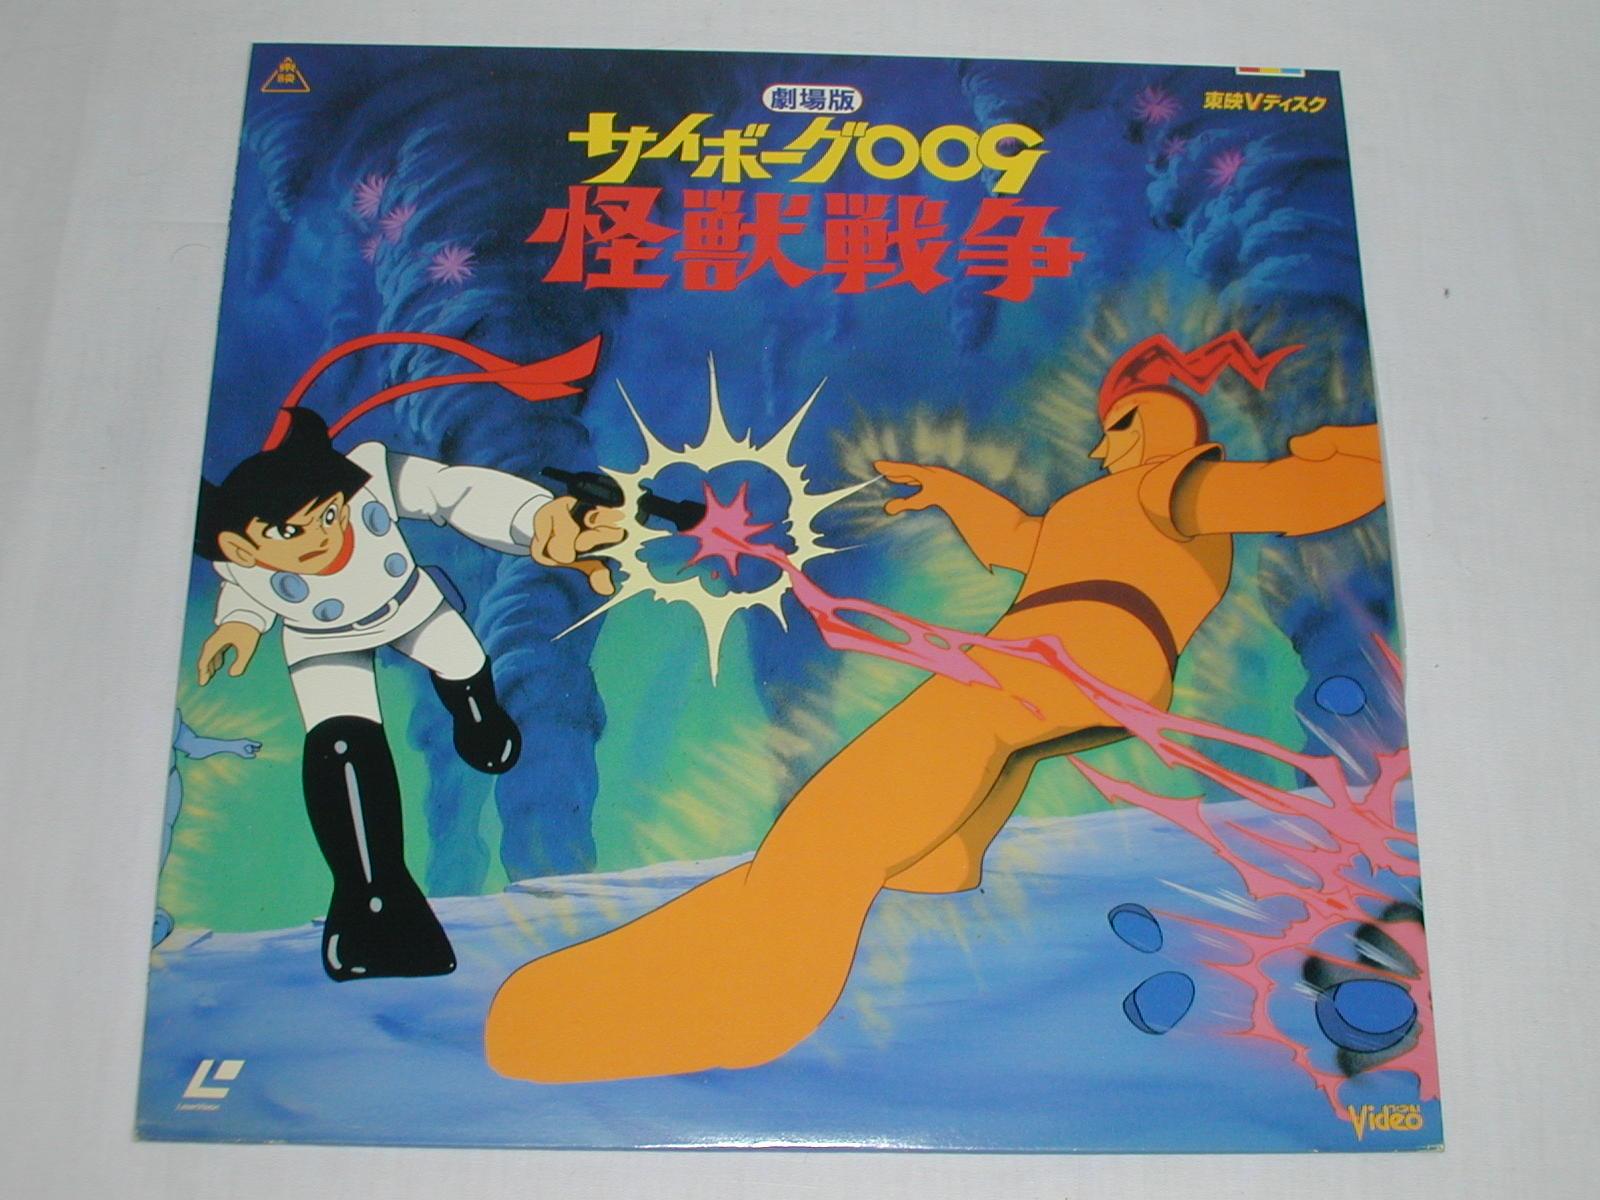 出産祝い 劇場版 怪獣戦争 ld サイボーグ009 オリジナルアニメ